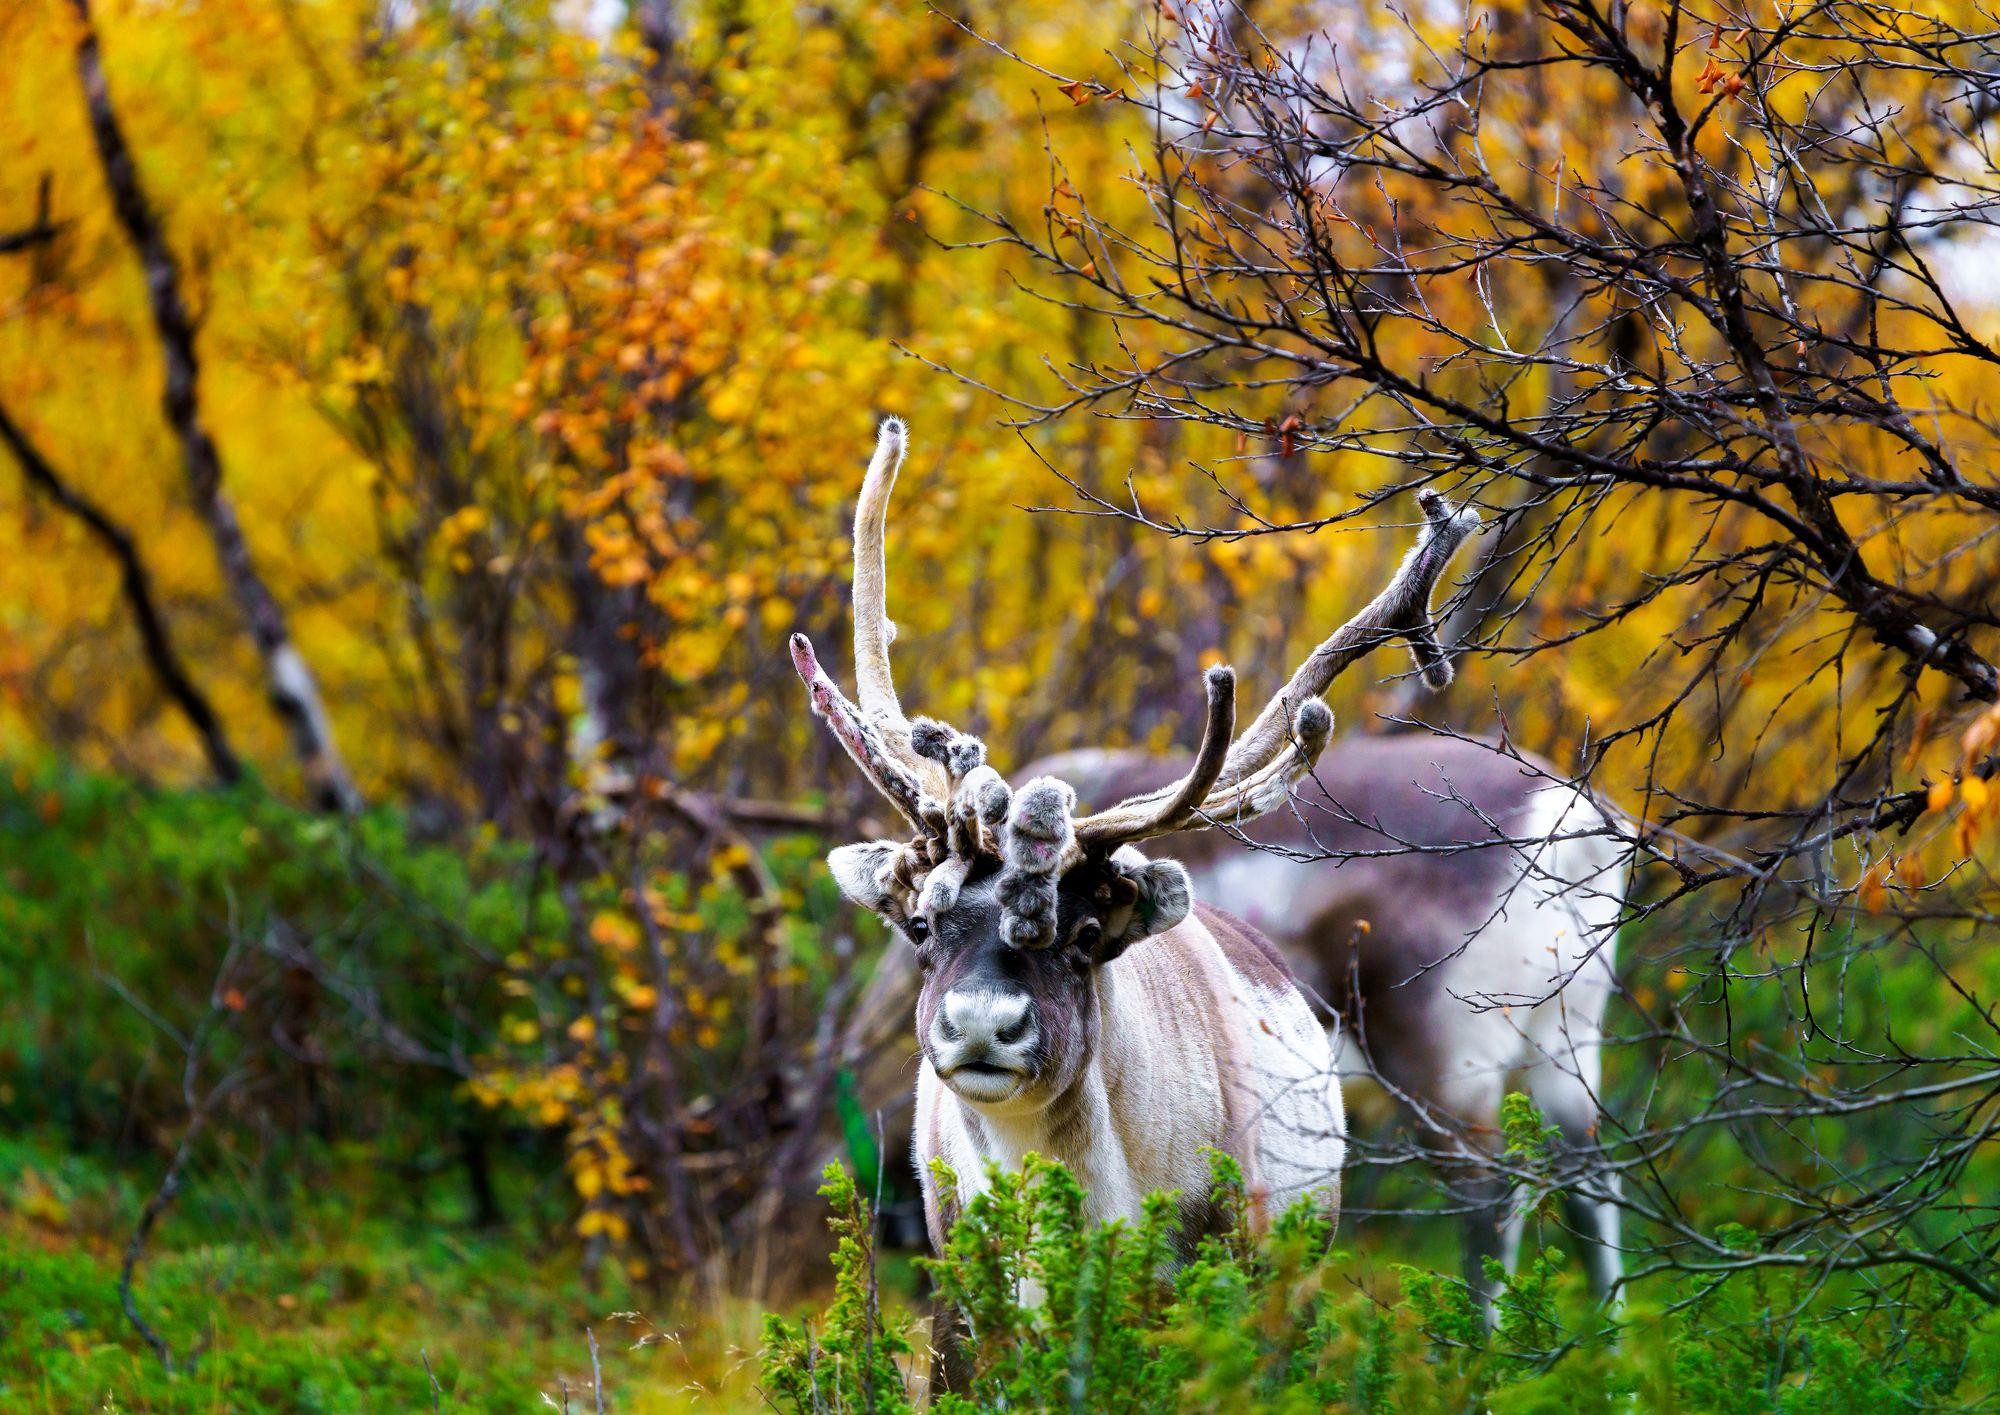 Syksyllä on käynnissä porojen rykimäaika. Silloin hirvaita eli uroksia kannattaa ihailla etäältä. © Juha Kauppinen